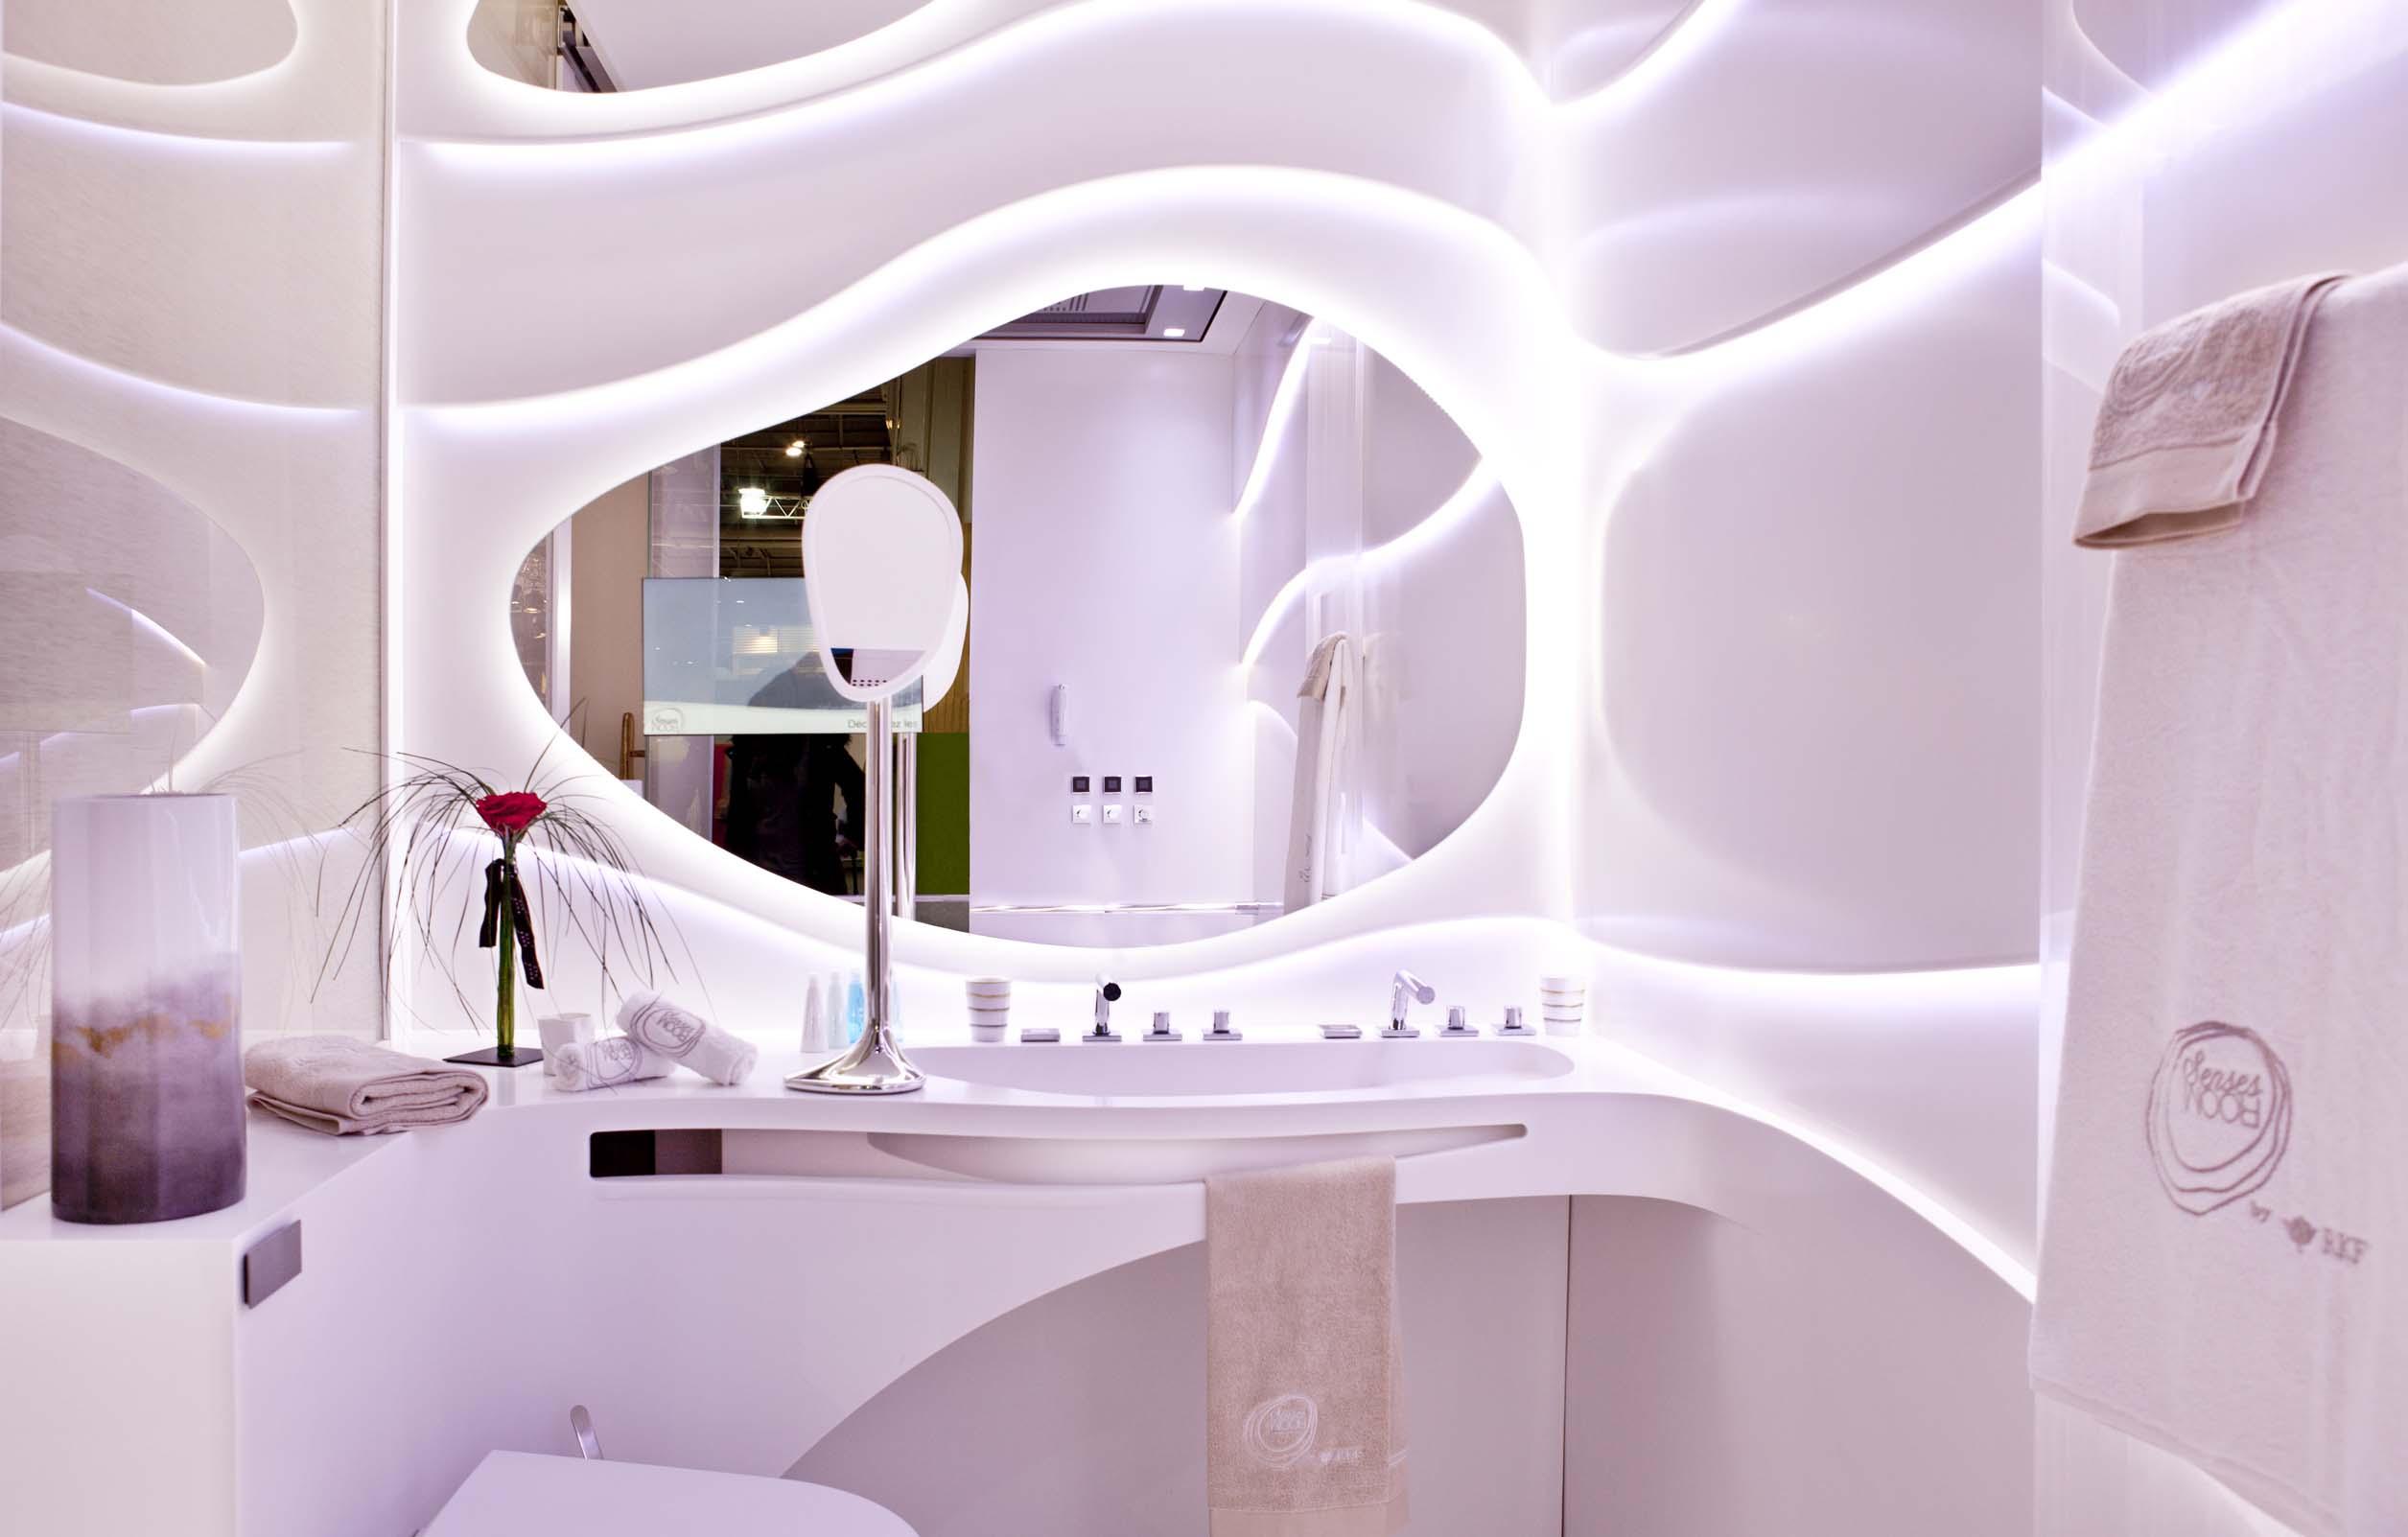 Meuble Salle De Bain Lapeyre Belle Epoque ~ L Art De Rendre L Accessibilit Invisible L Universal Design